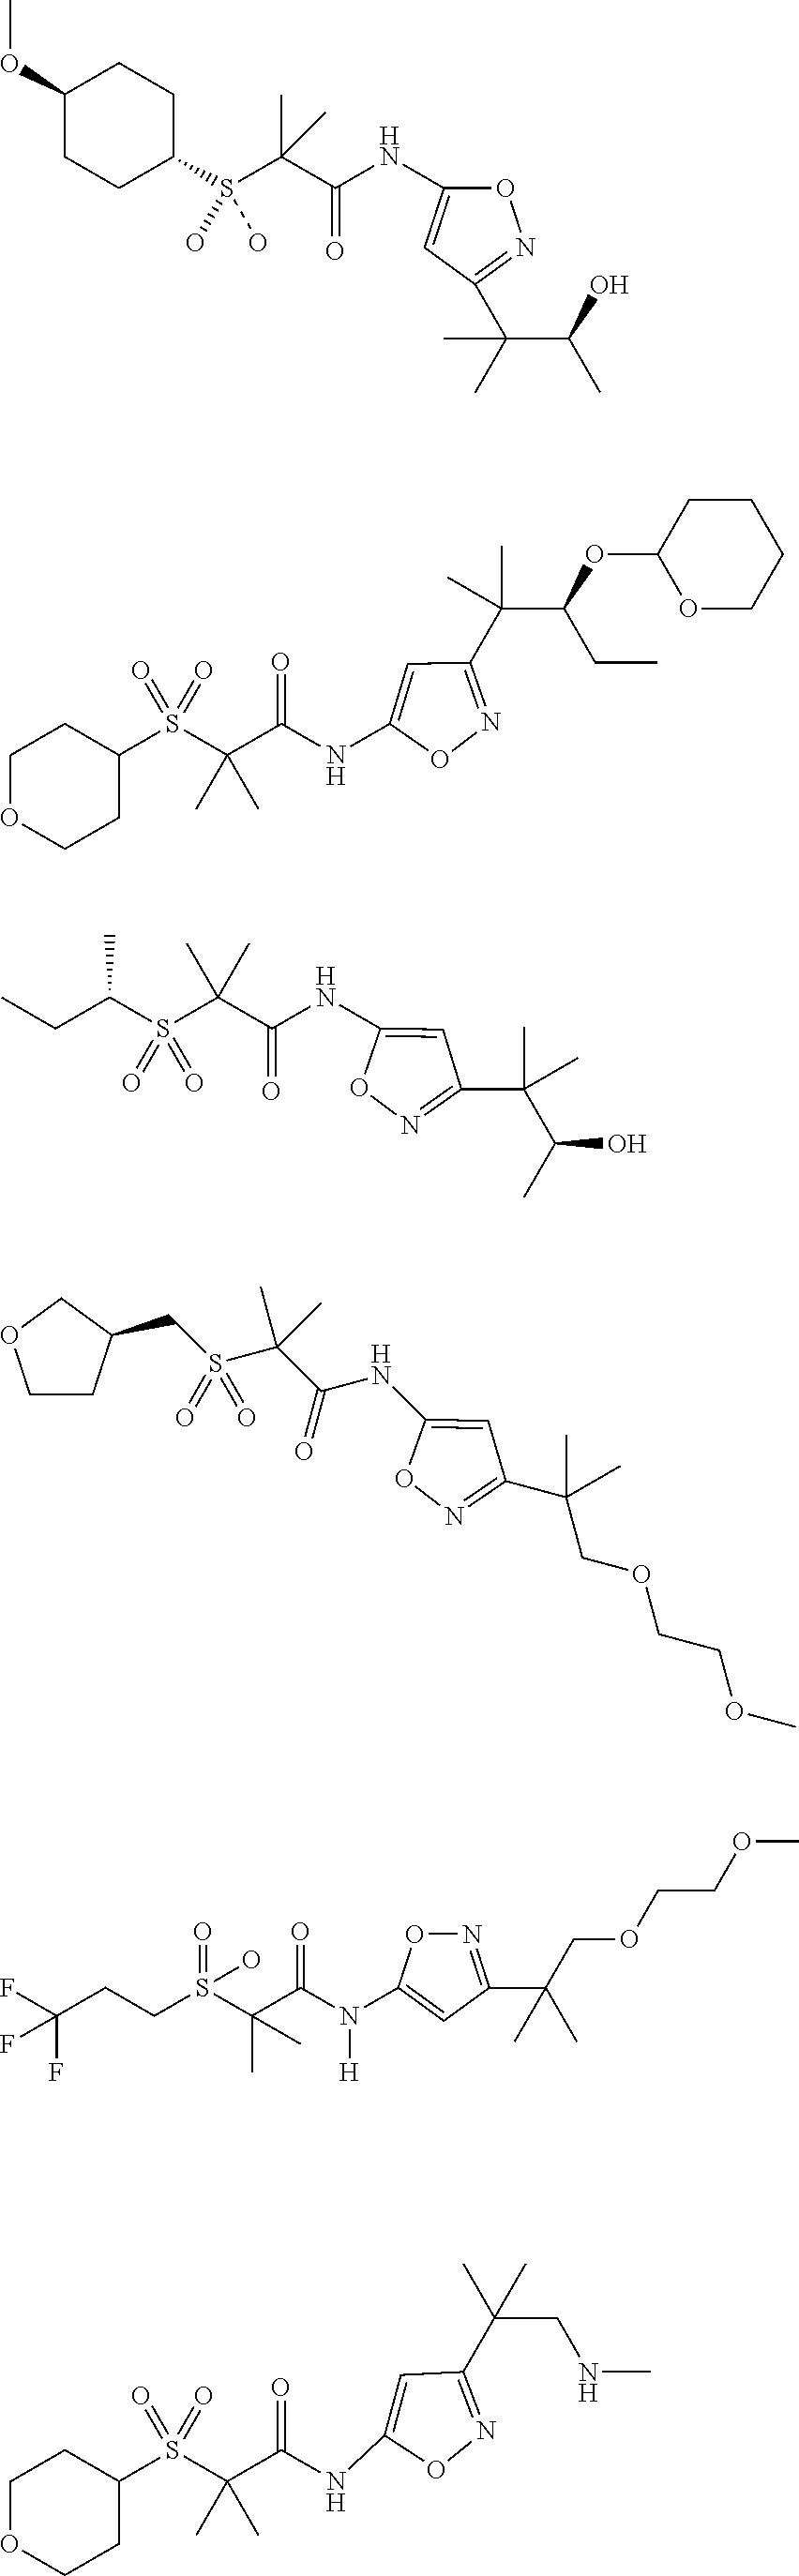 Figure US08372874-20130212-C00474